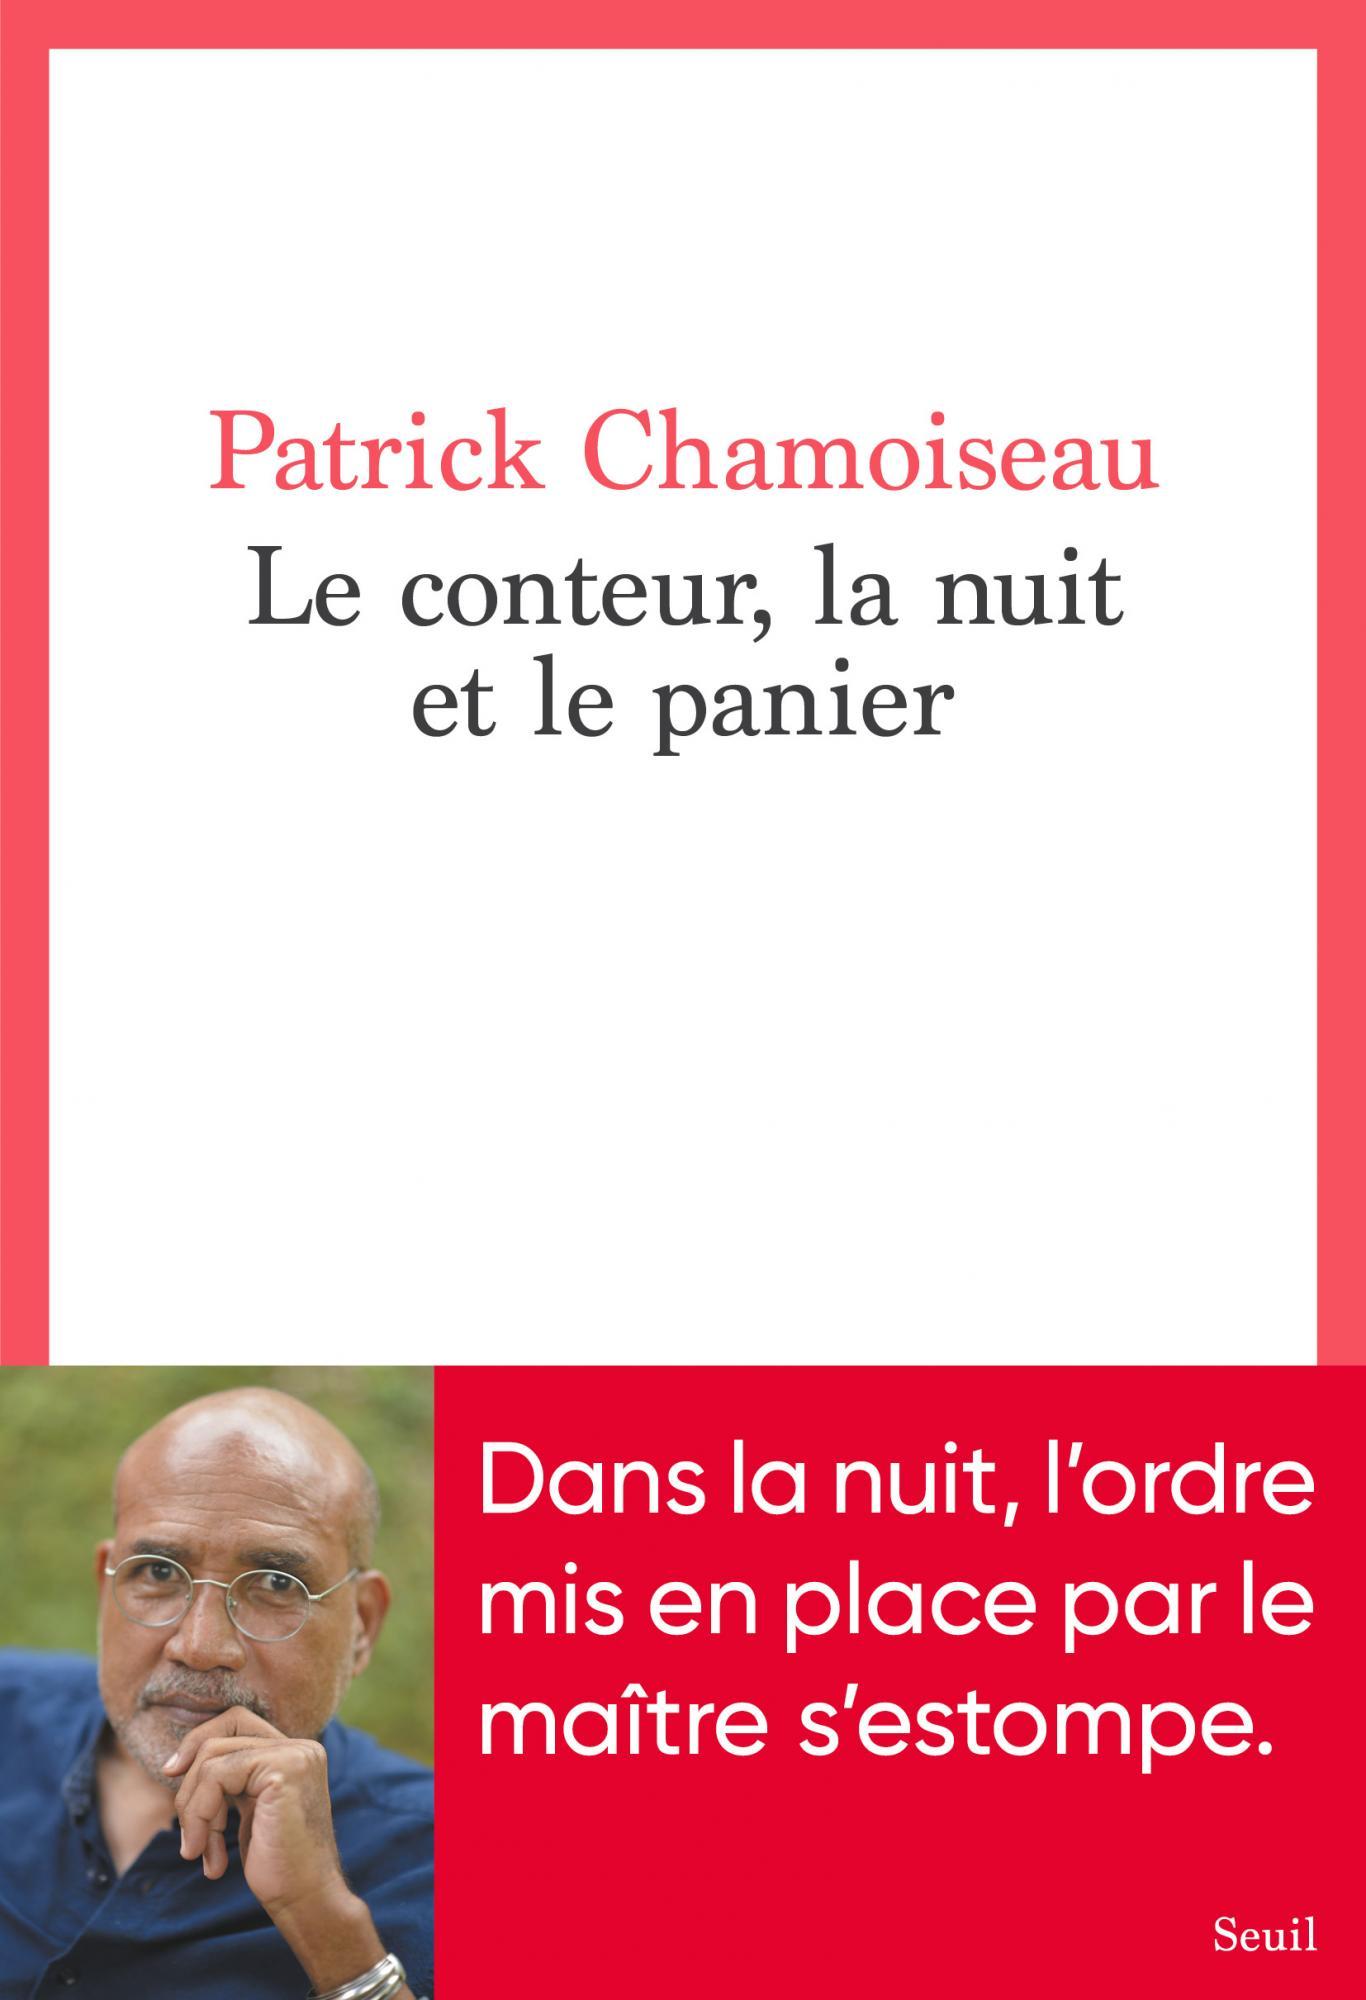 P. Chamoiseau, Le conteur, la nuit et le panier